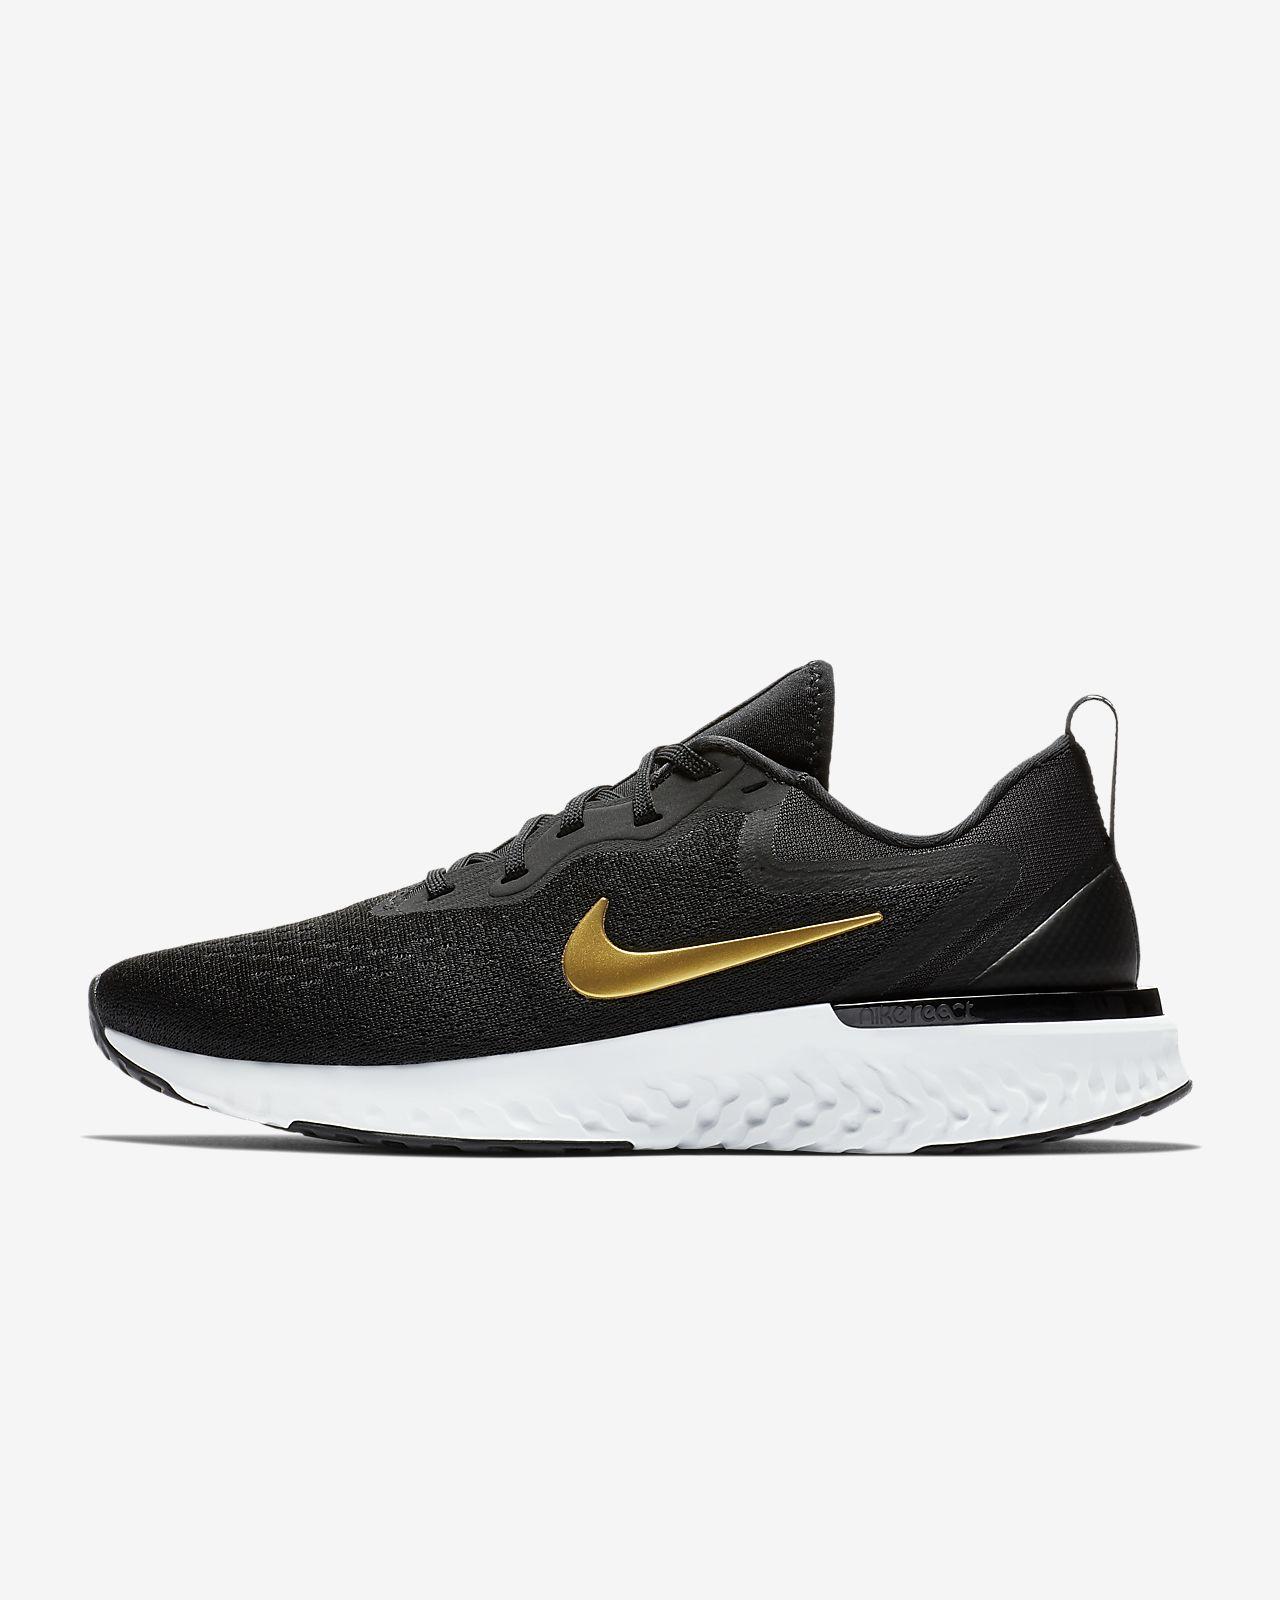 Chaussure de running Nike Odyssey React pour Femme